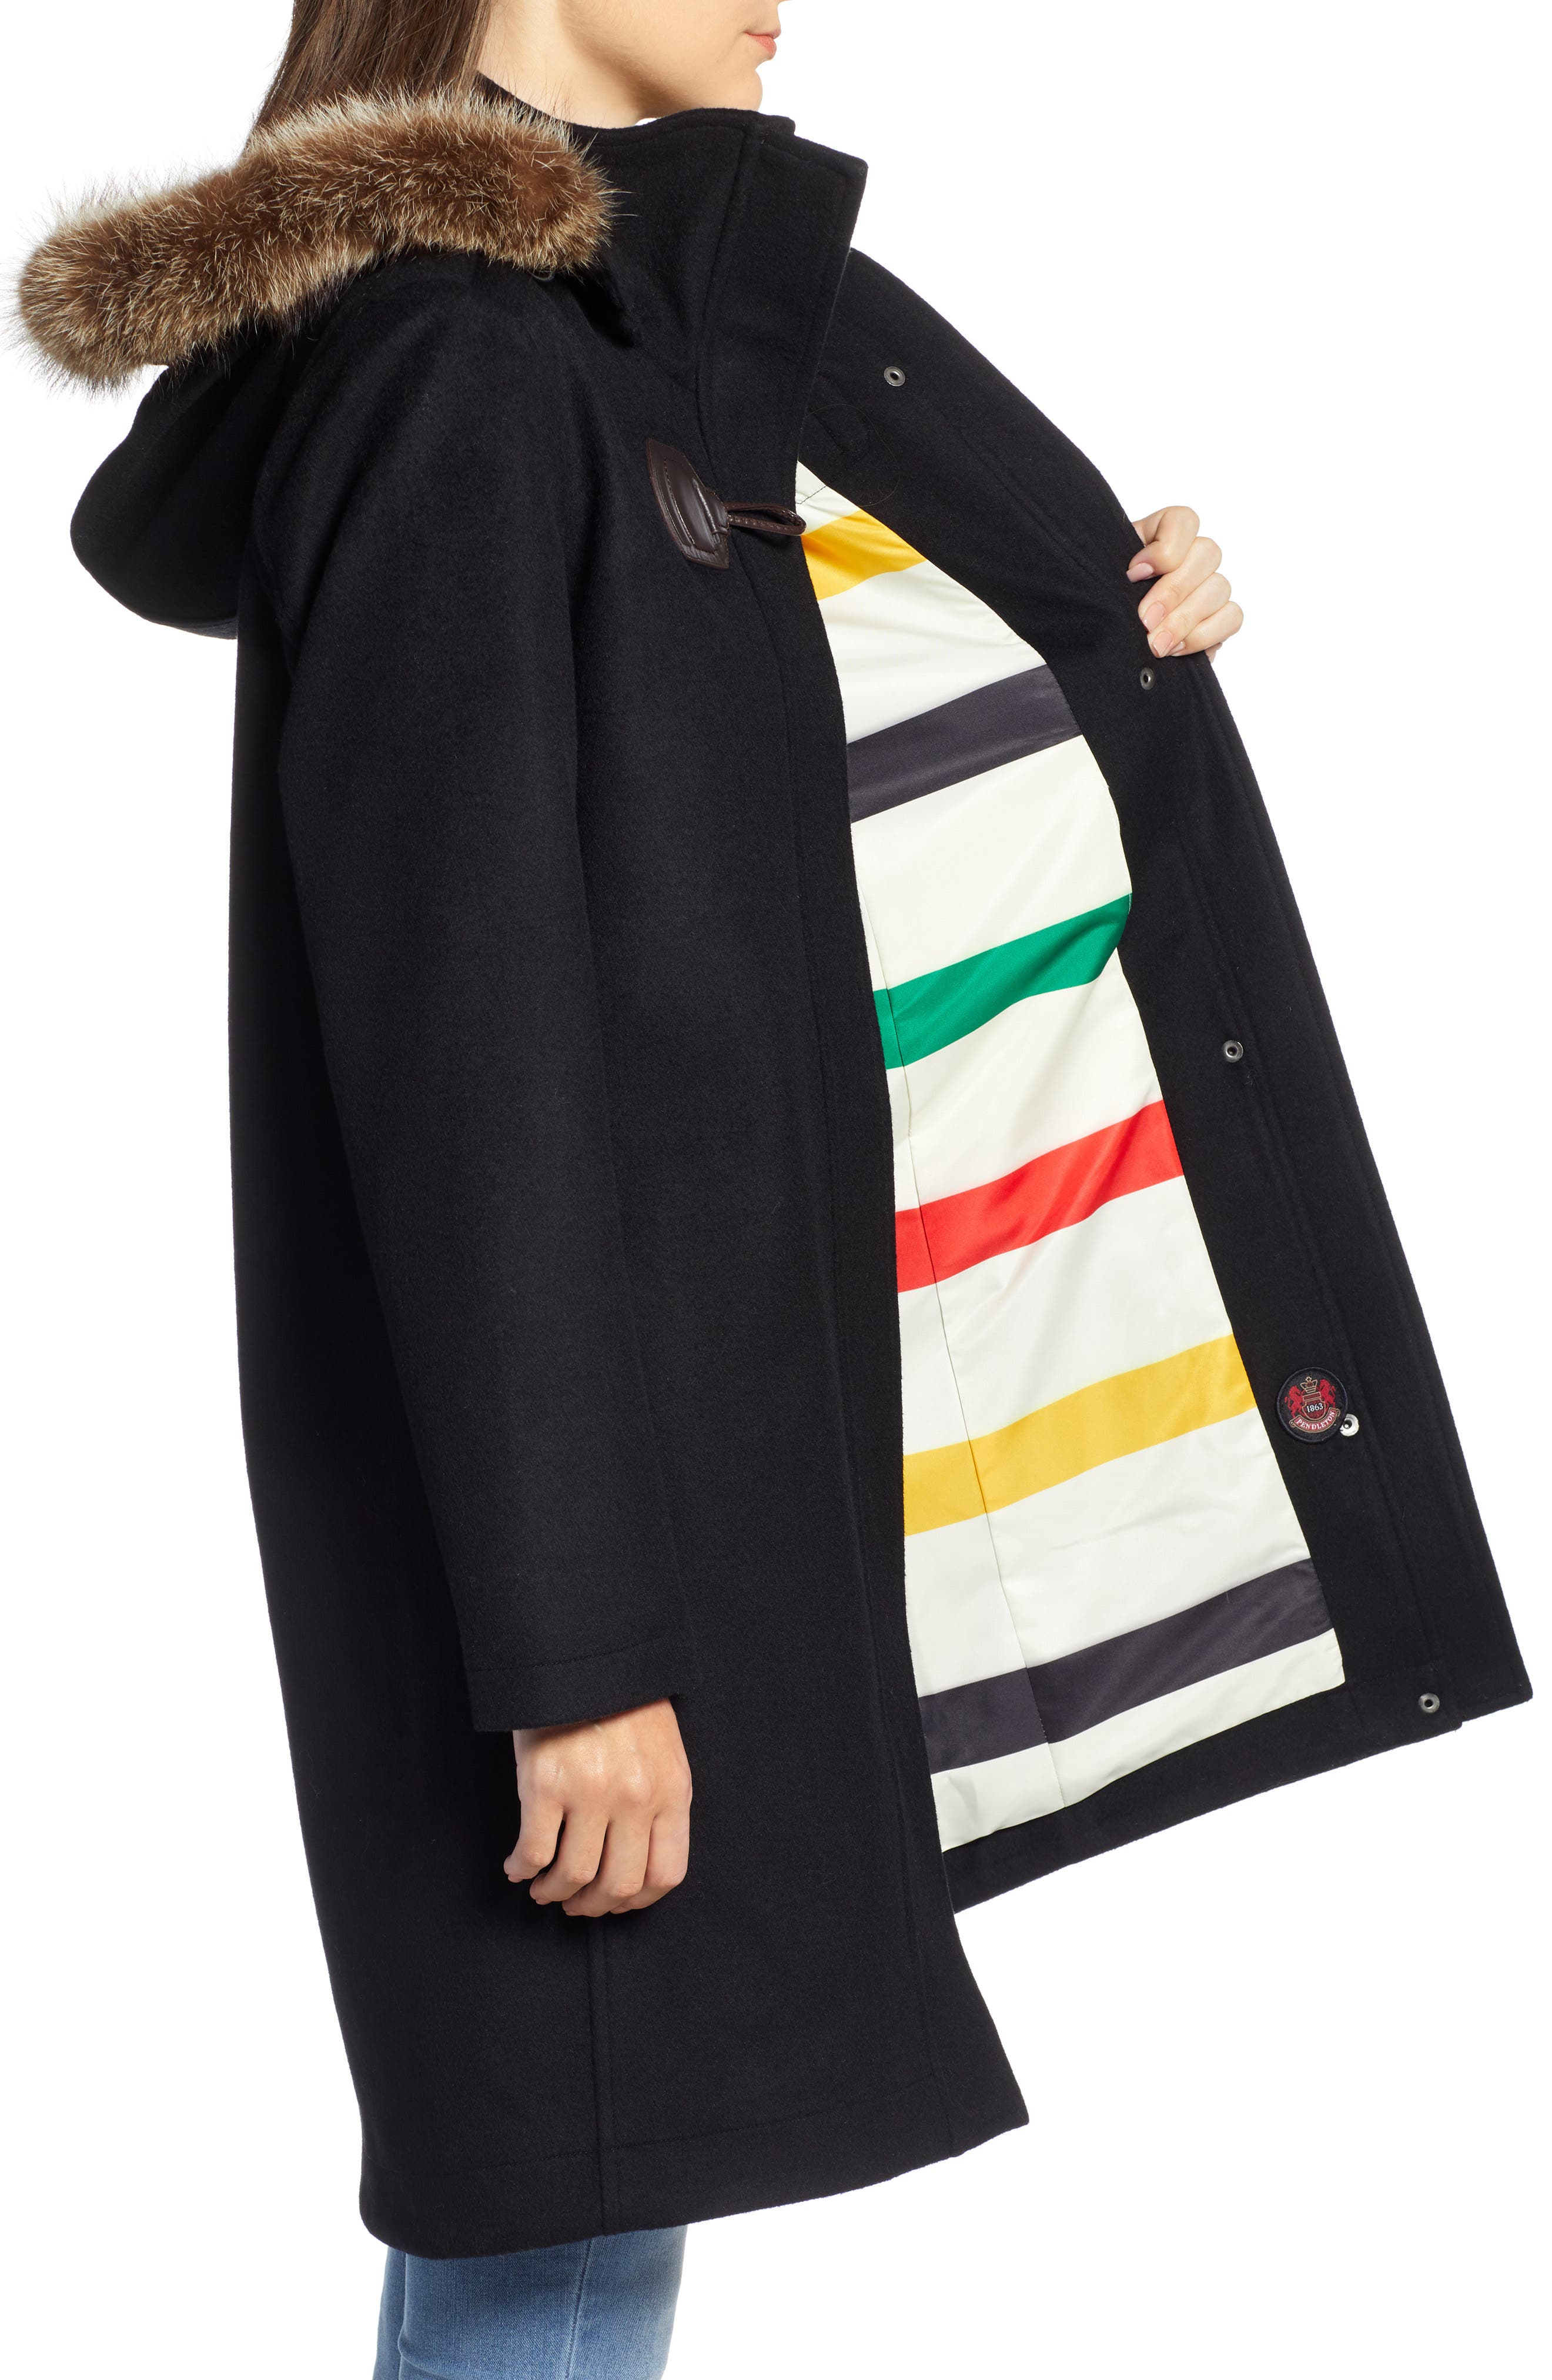 St Marie Wool Hooded Coat with Genuine Raccoon Fur Trim,                             Alternate thumbnail 3, color,                             BLACK